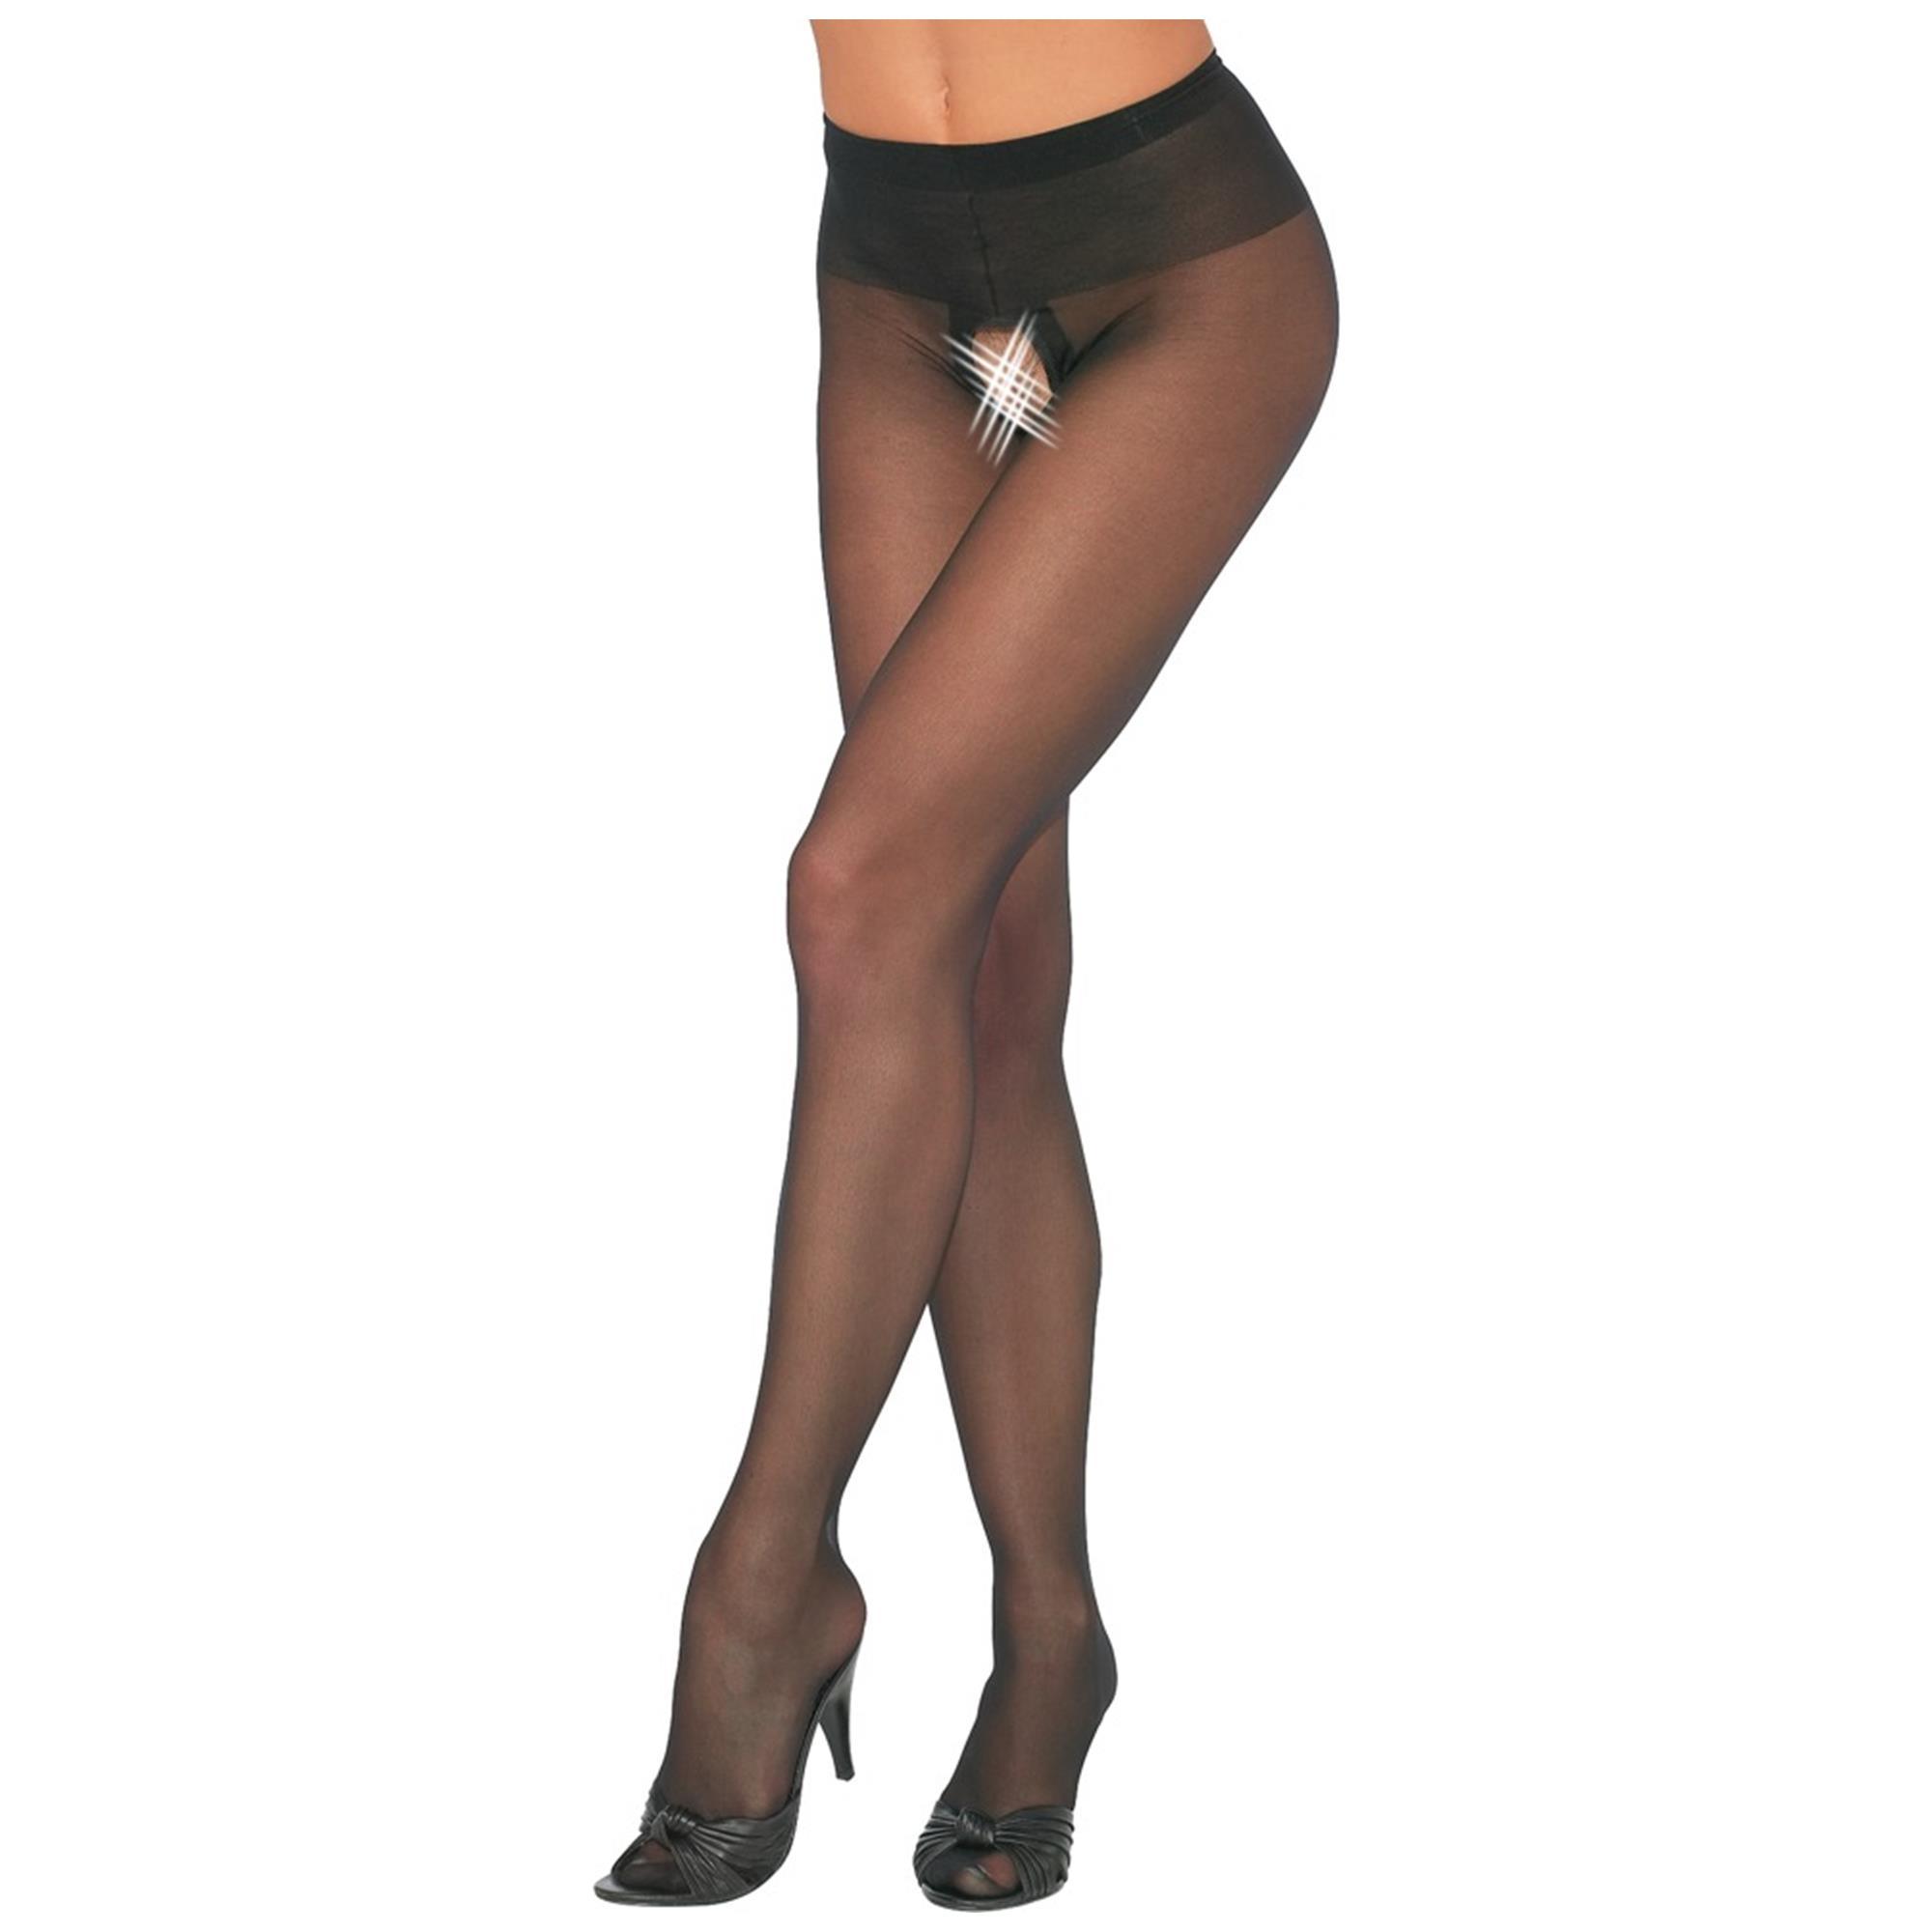 Öppen strumpbyxa | Sexiga Underkläder, Strumpbyxor & Stay-ups | Intimast.se - Sexleksaker